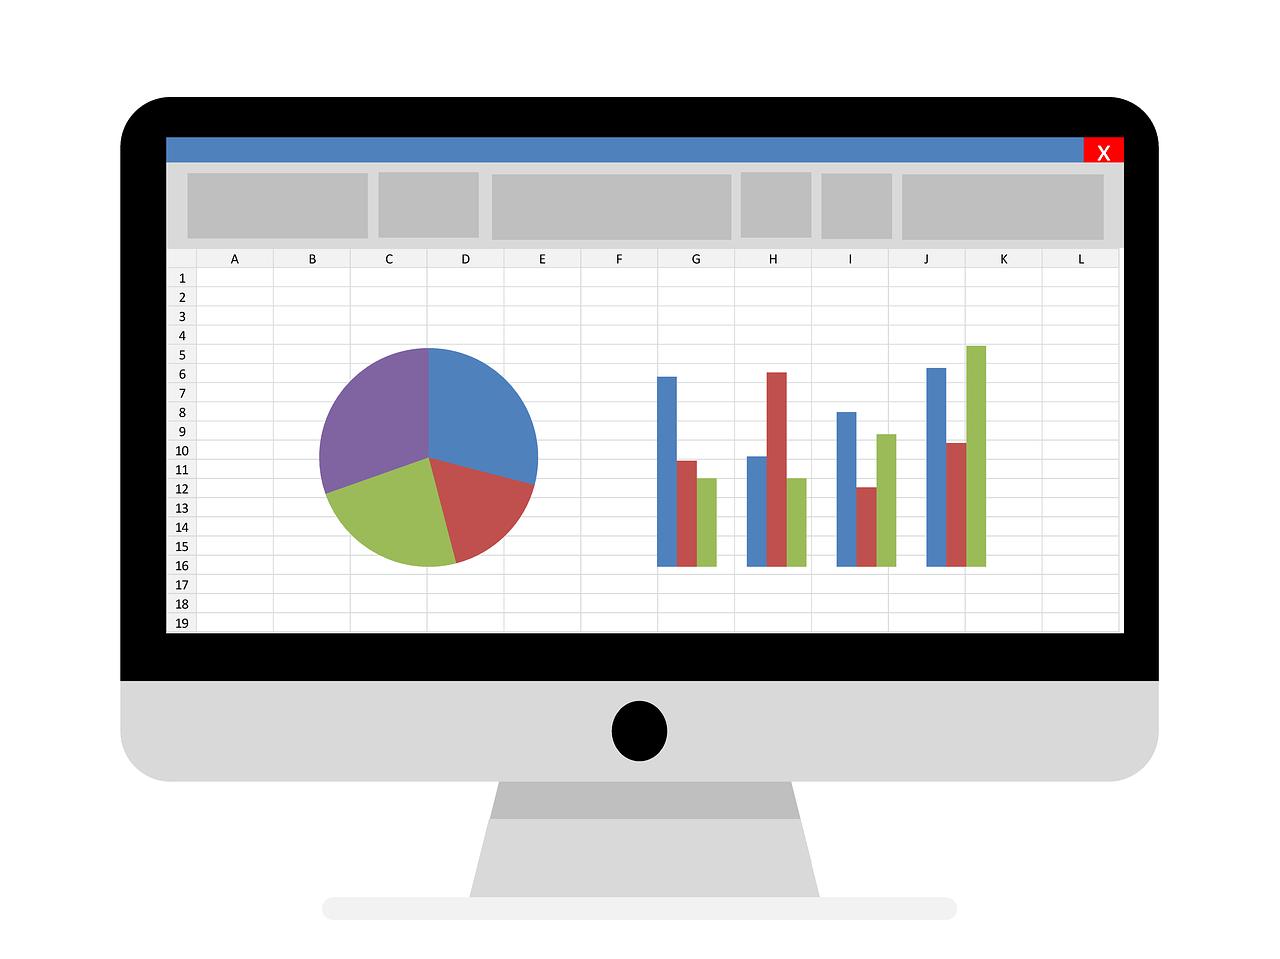 会計ソフトに求めるものは何ですか?